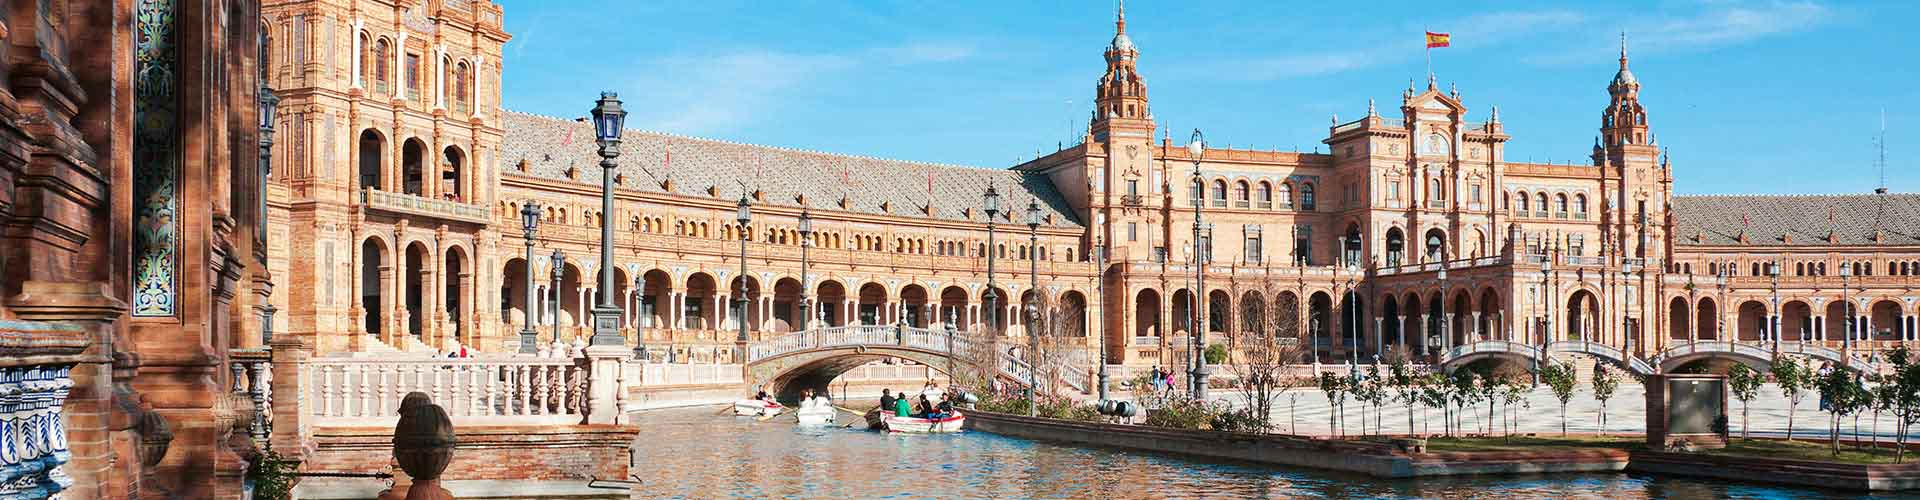 Sevilla - Campamentos cerca a Plaza de Toros. Mapas de Sevilla, Fotos y comentarios de cada Campamento en Sevilla.